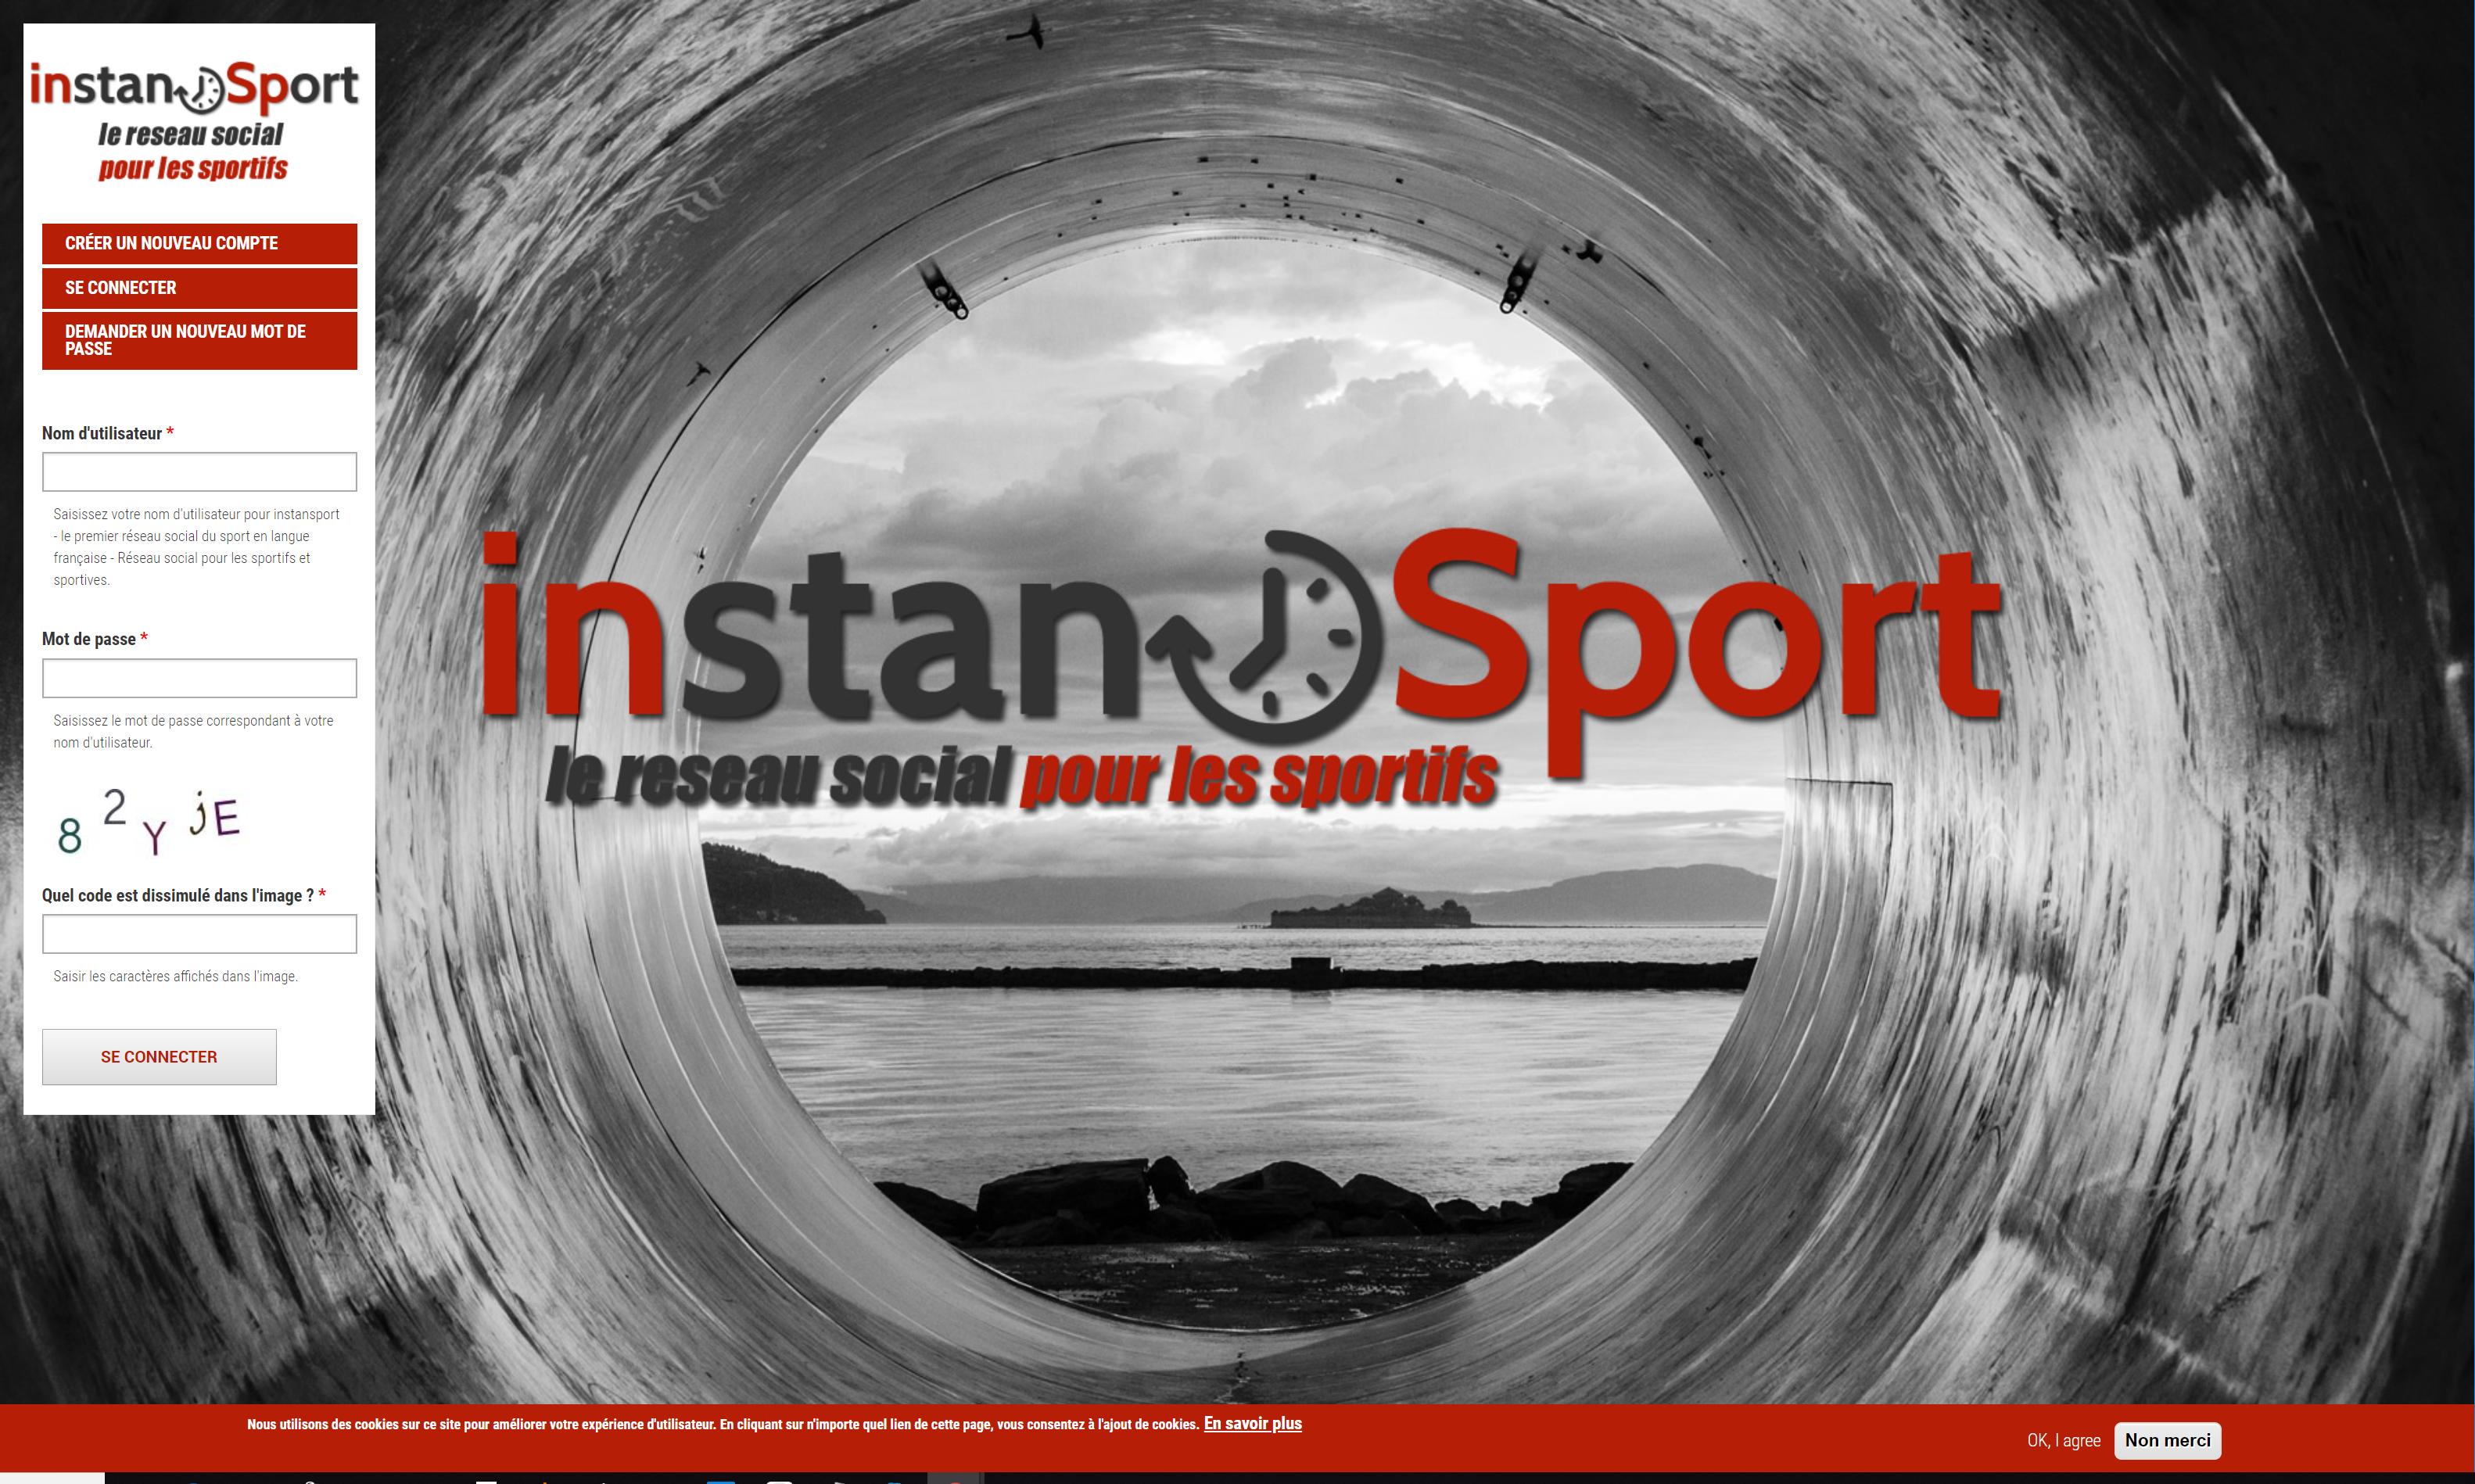 instansport.com le réseau social gratuit en français pour les sportifs